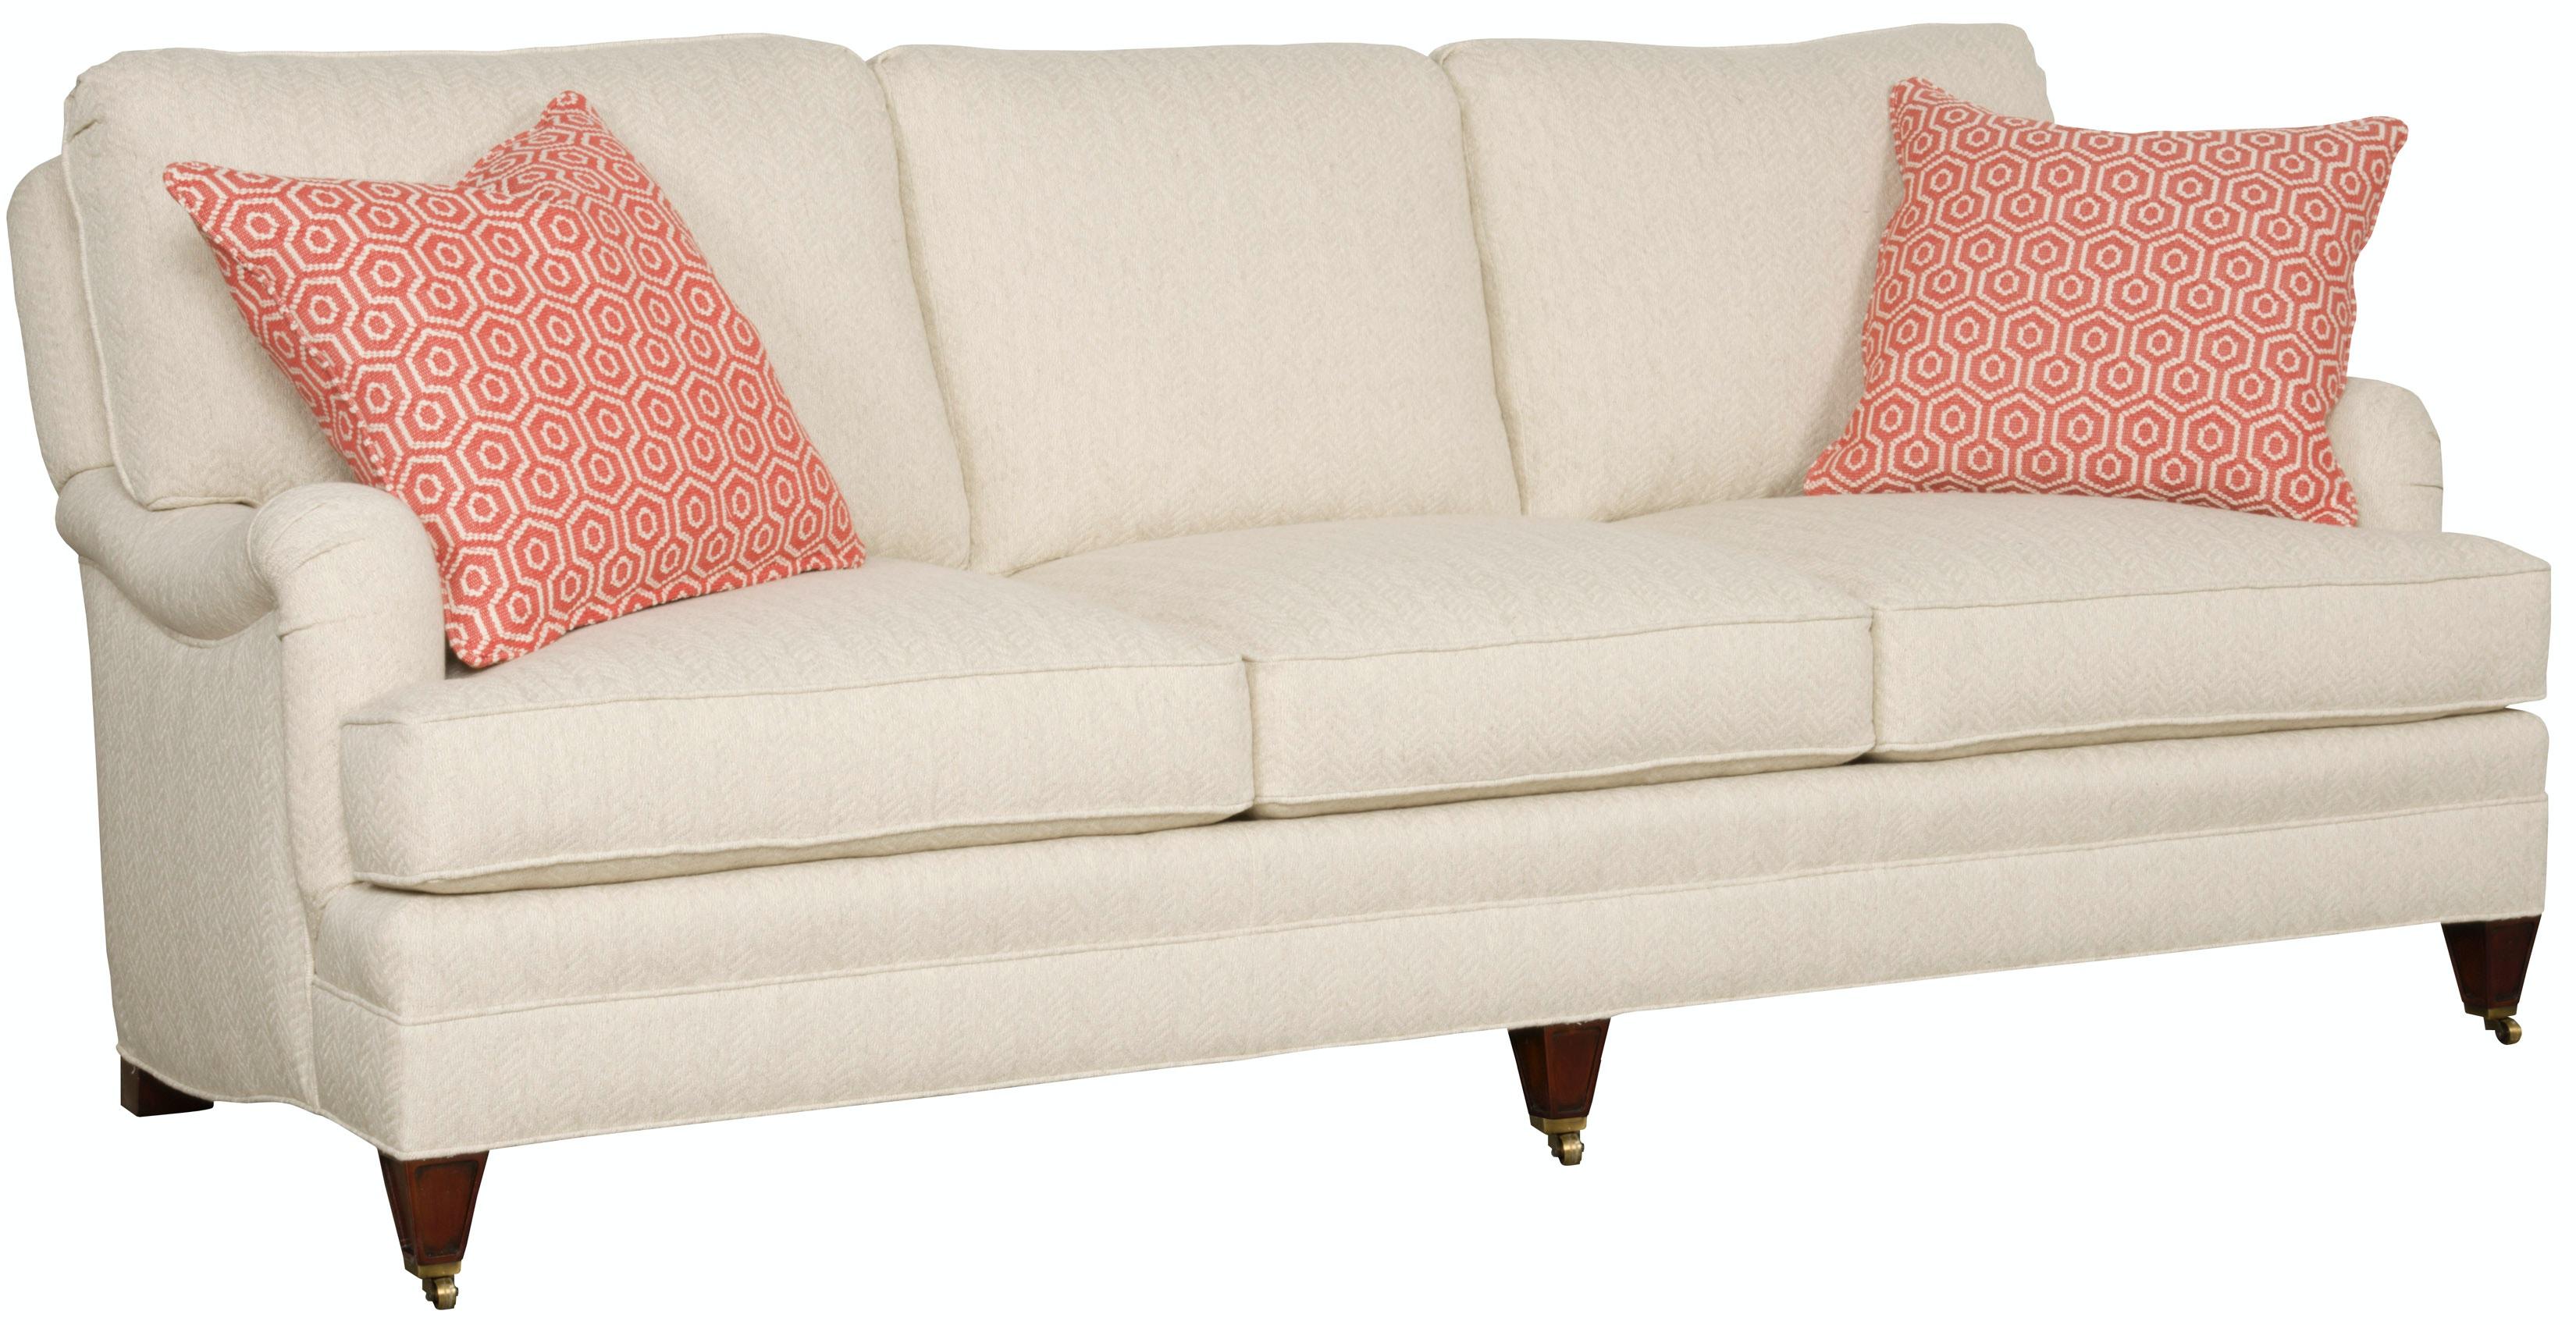 living es sofa click clack beds australia vanguard v295 winslow extended interiors home camp hill